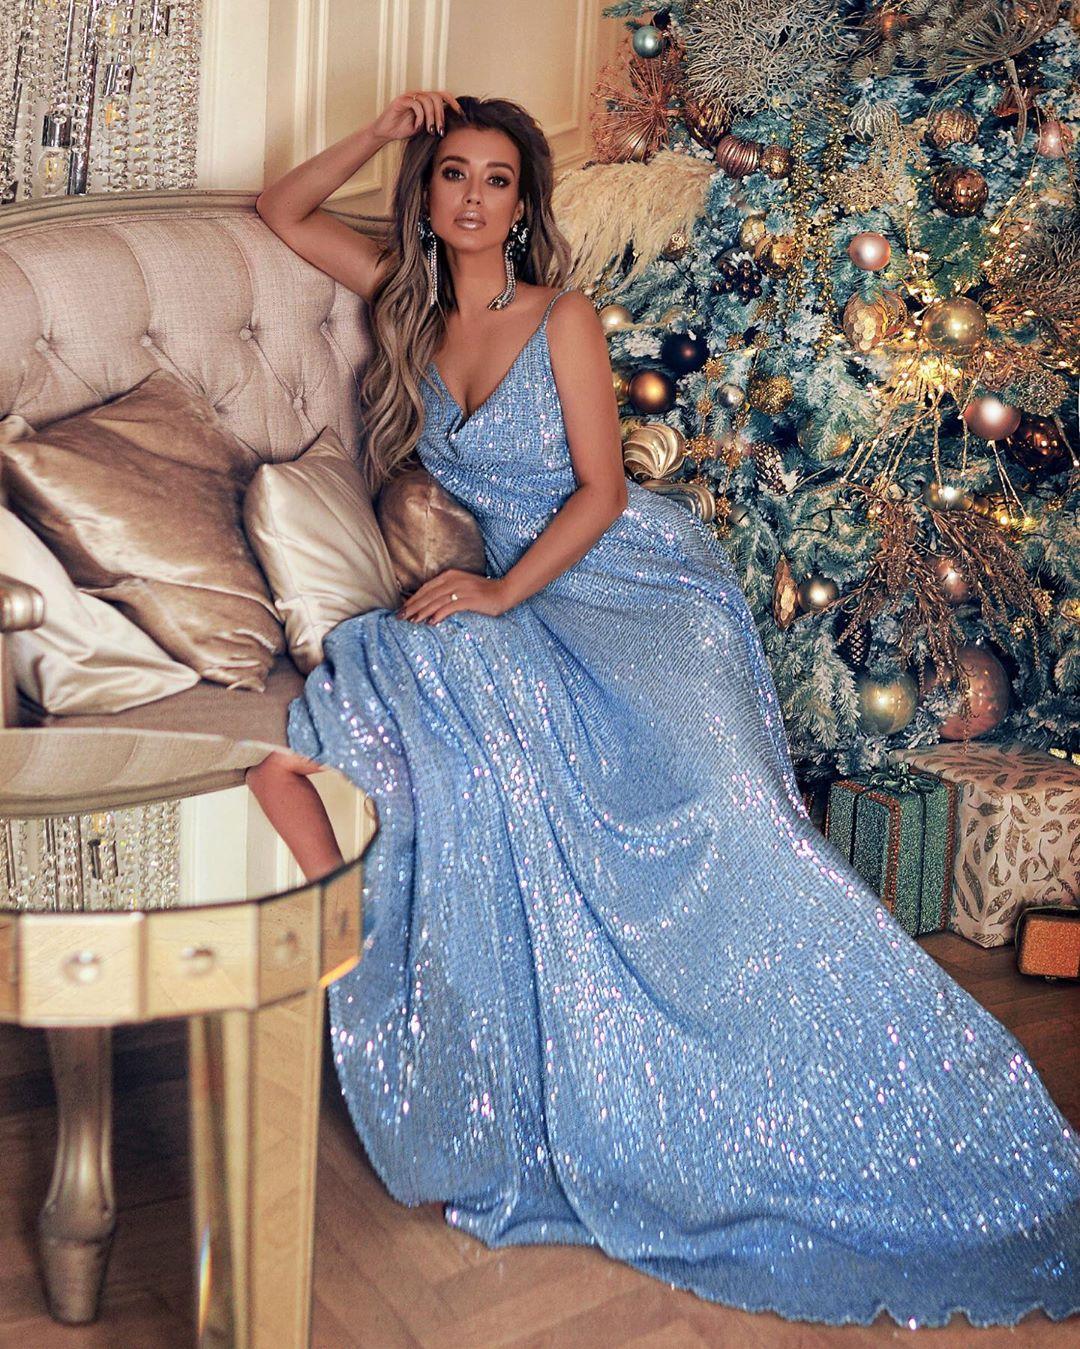 Самые красивые новогодние платья 2020 фото 14